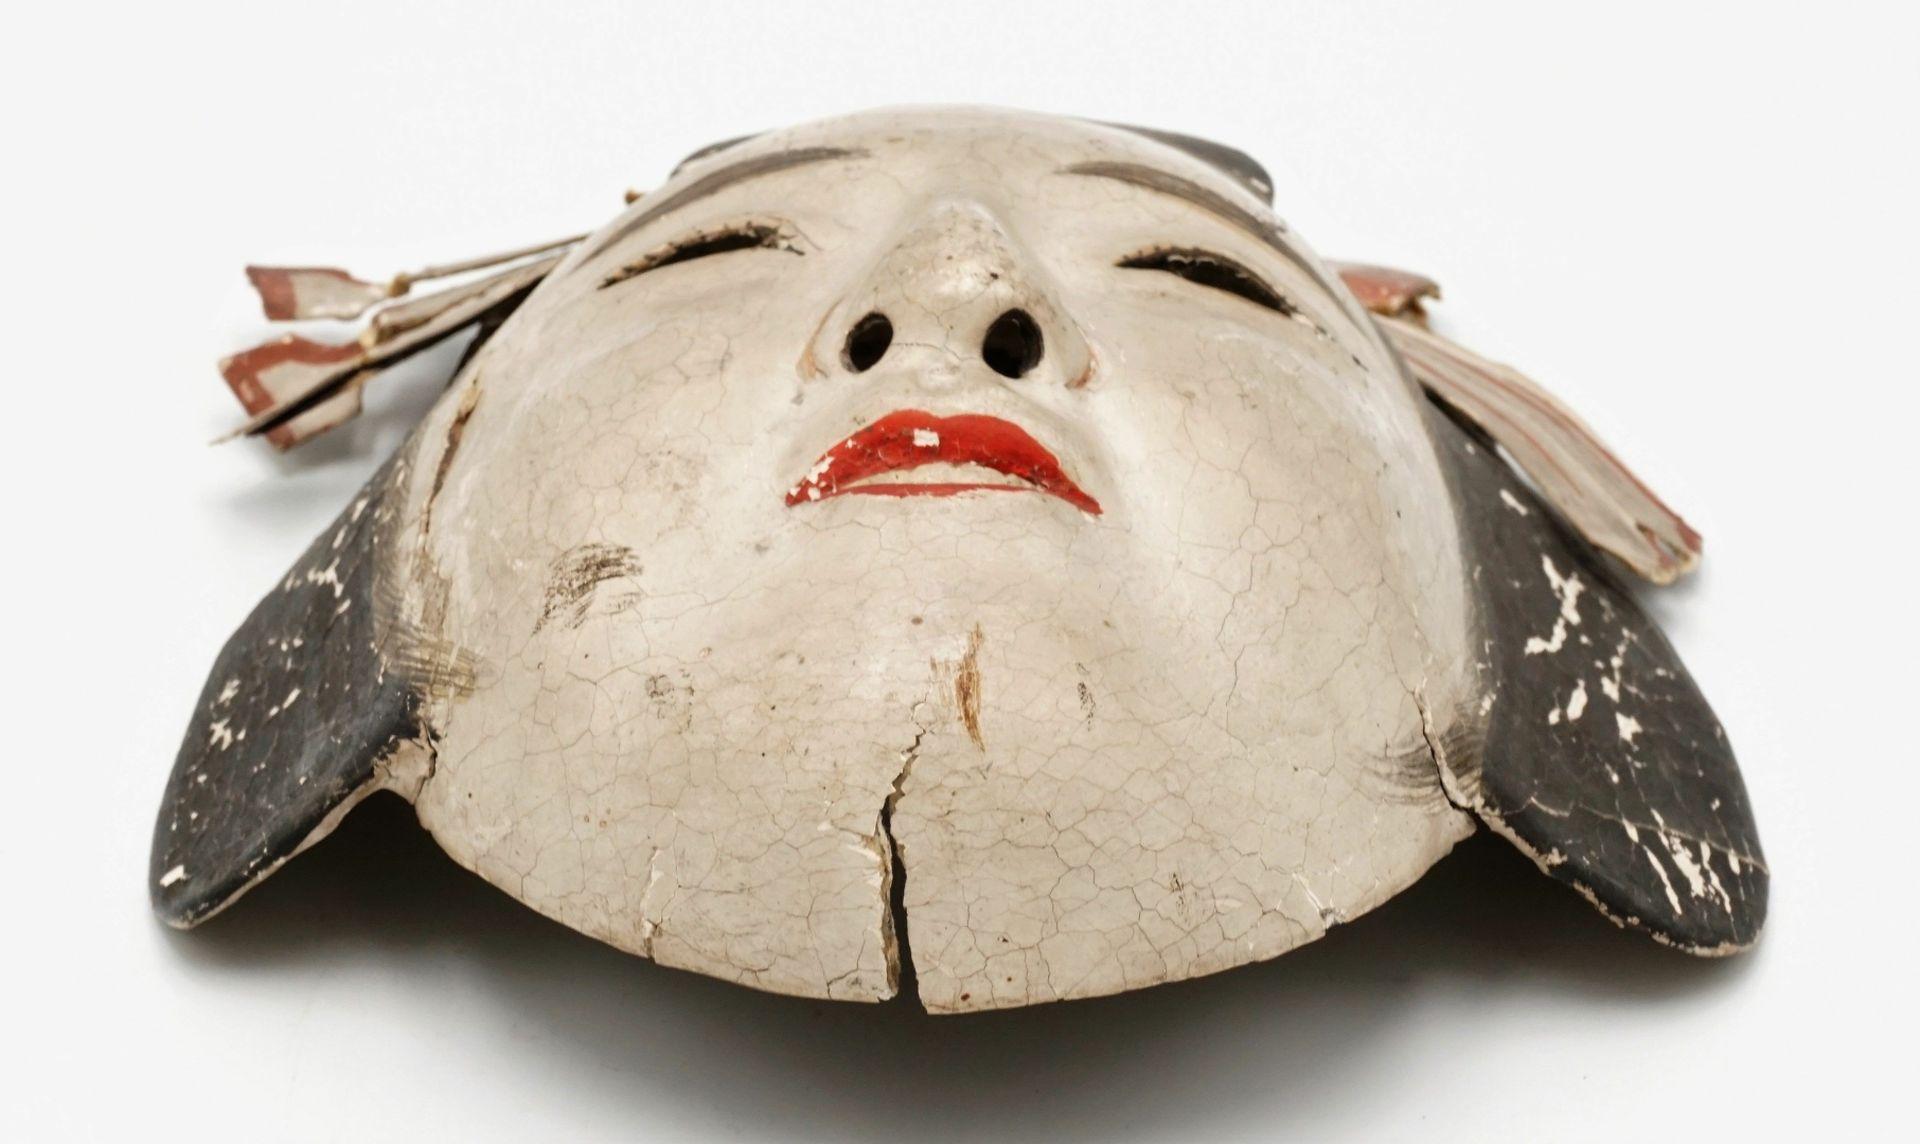 Zwei japanische Masken, Japan, um 1900 - Bild 7 aus 7